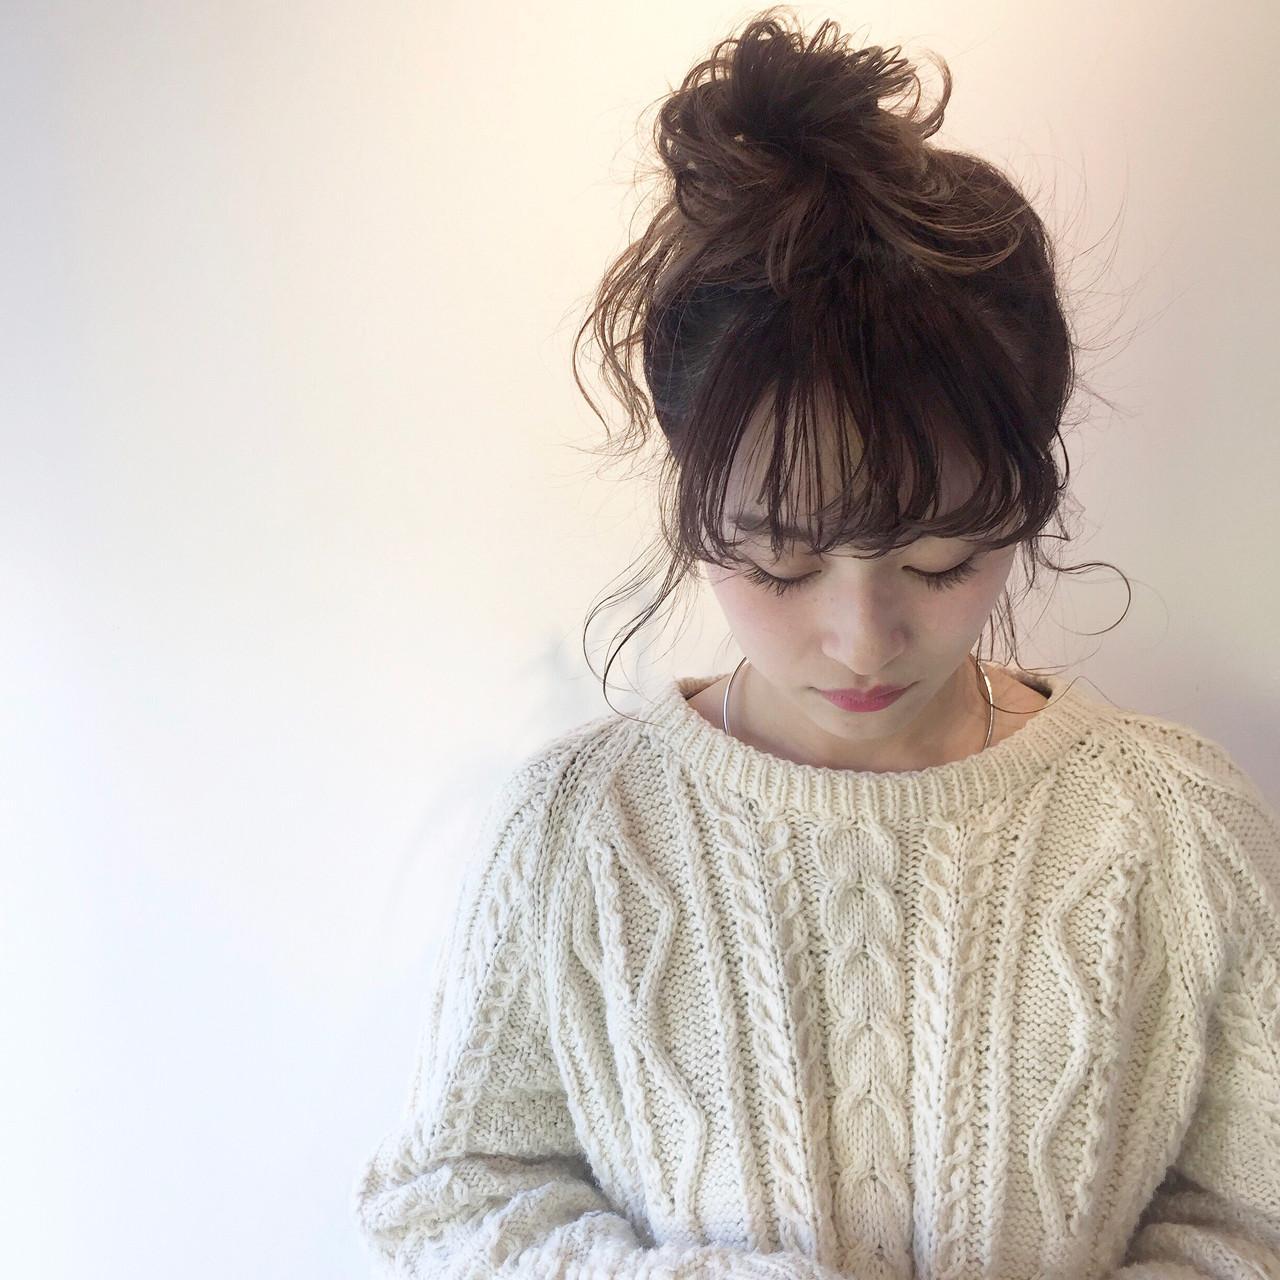 ナチュラル ハーフアップ ミルクティー 簡単ヘアアレンジ ヘアスタイルや髪型の写真・画像